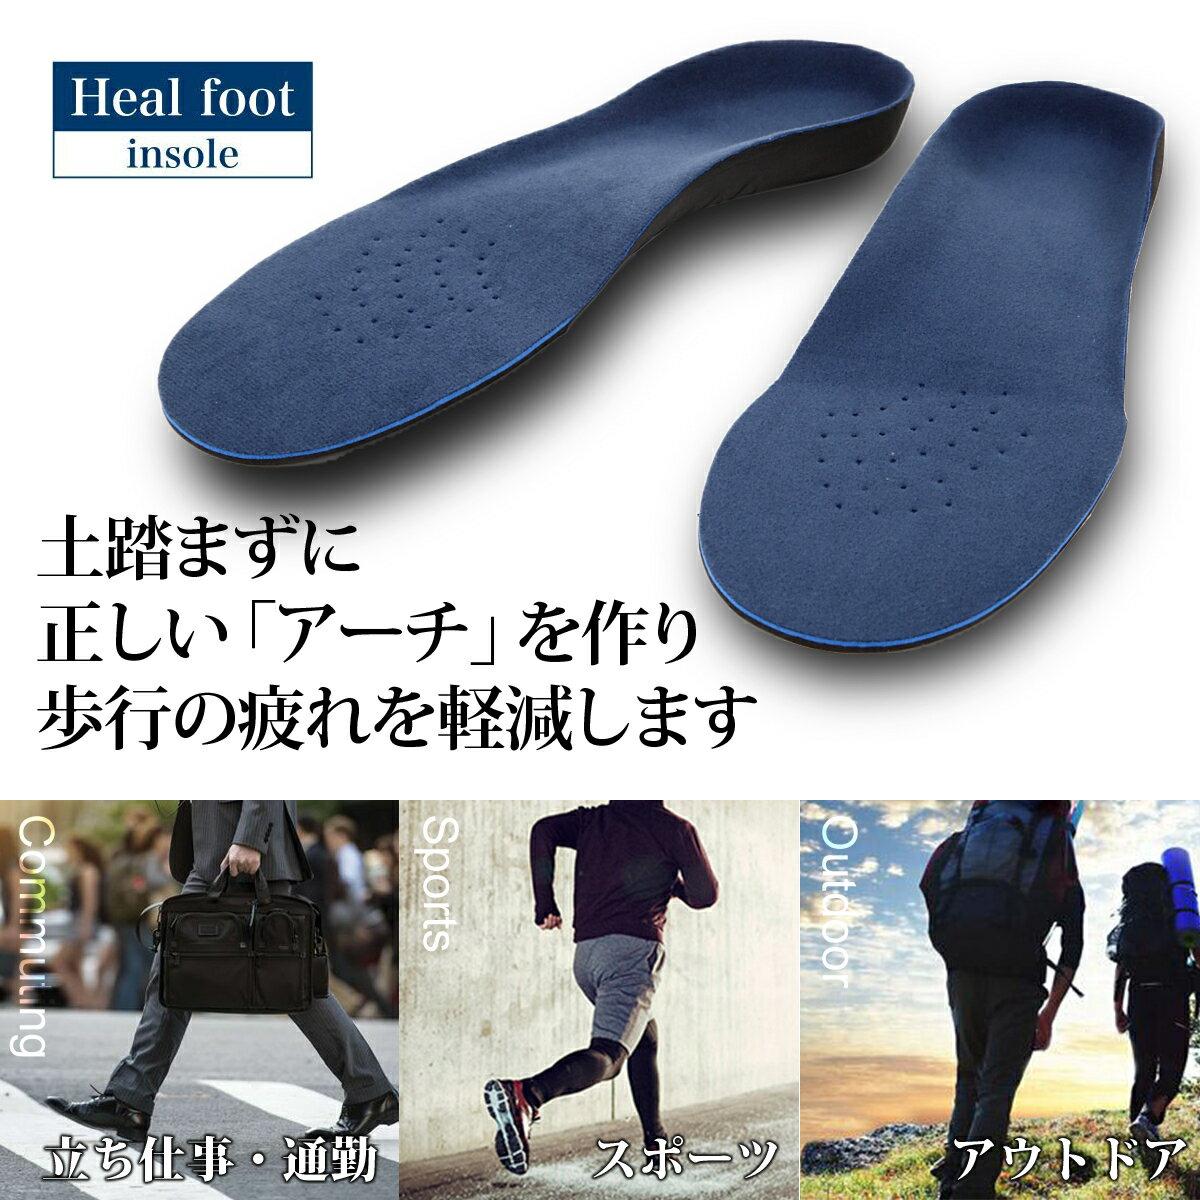 インソール 人体工学に基づいた 3D アーチサポート インソール <適度な弾力> 疲れにくい 中敷き 疲れない 疲れにくい 靴 靴中敷き 土踏まず かかと レディース メンズ 偏平足 ハイアーチ つちふまず なかじき 送料無料